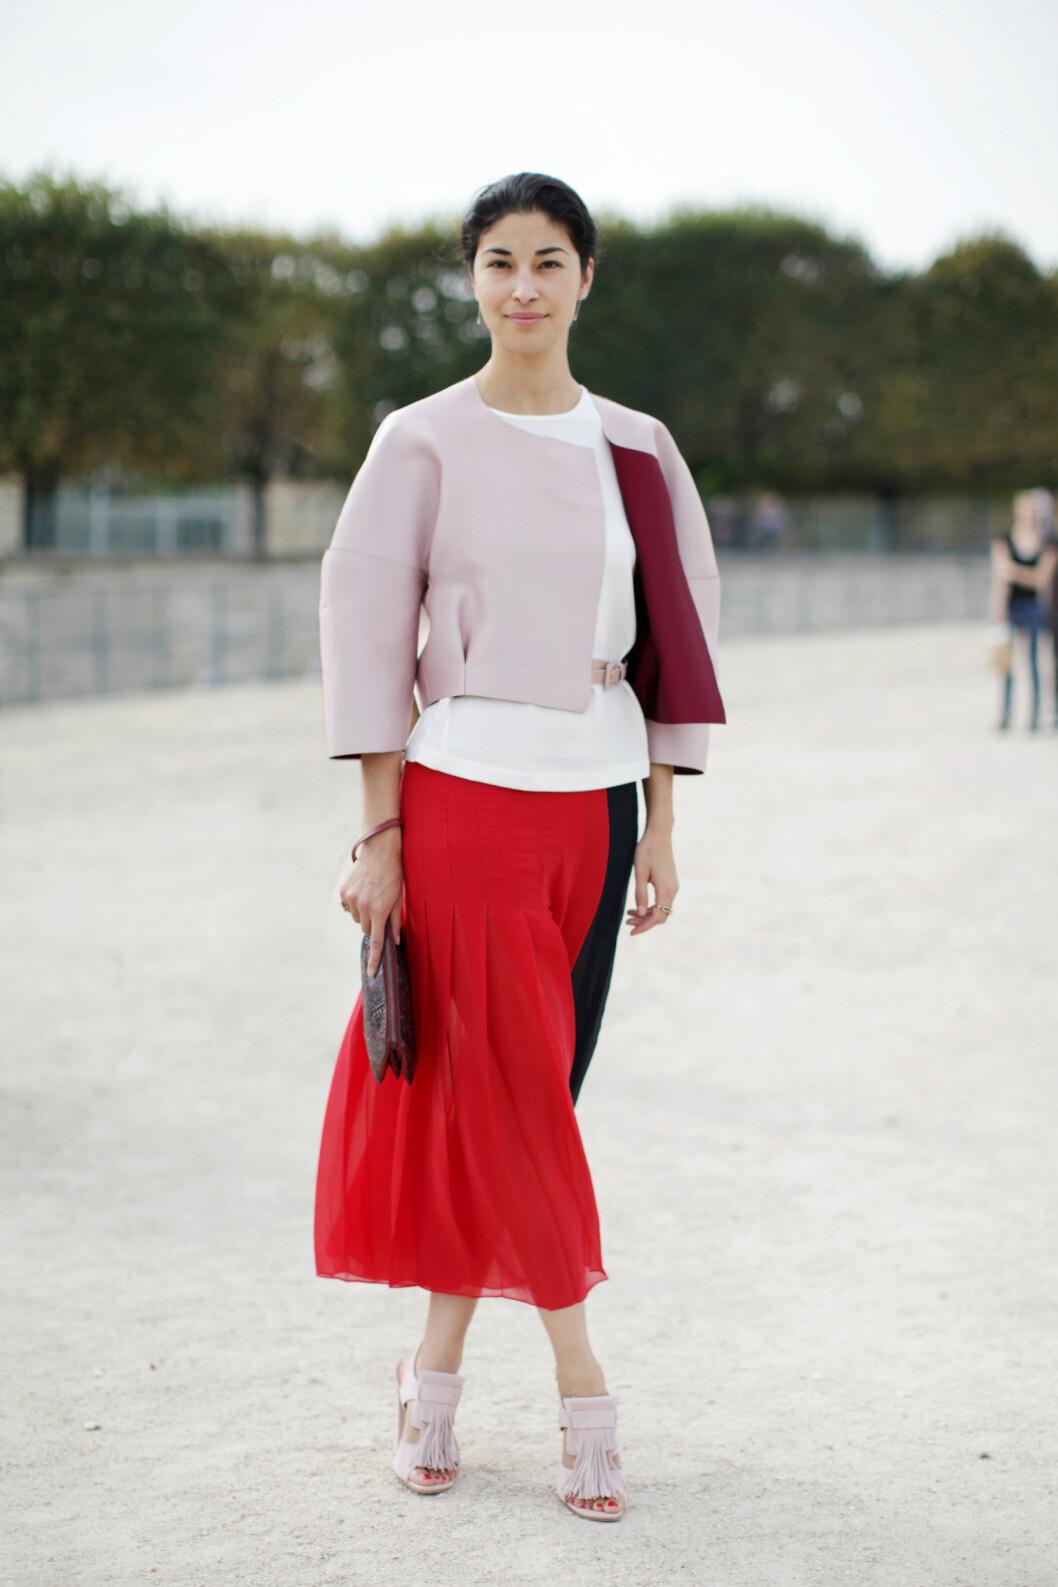 Pudret rosa + knallrødt = hot! Det viser Caroline Issa med dette antrekket. Foto: All Over Press